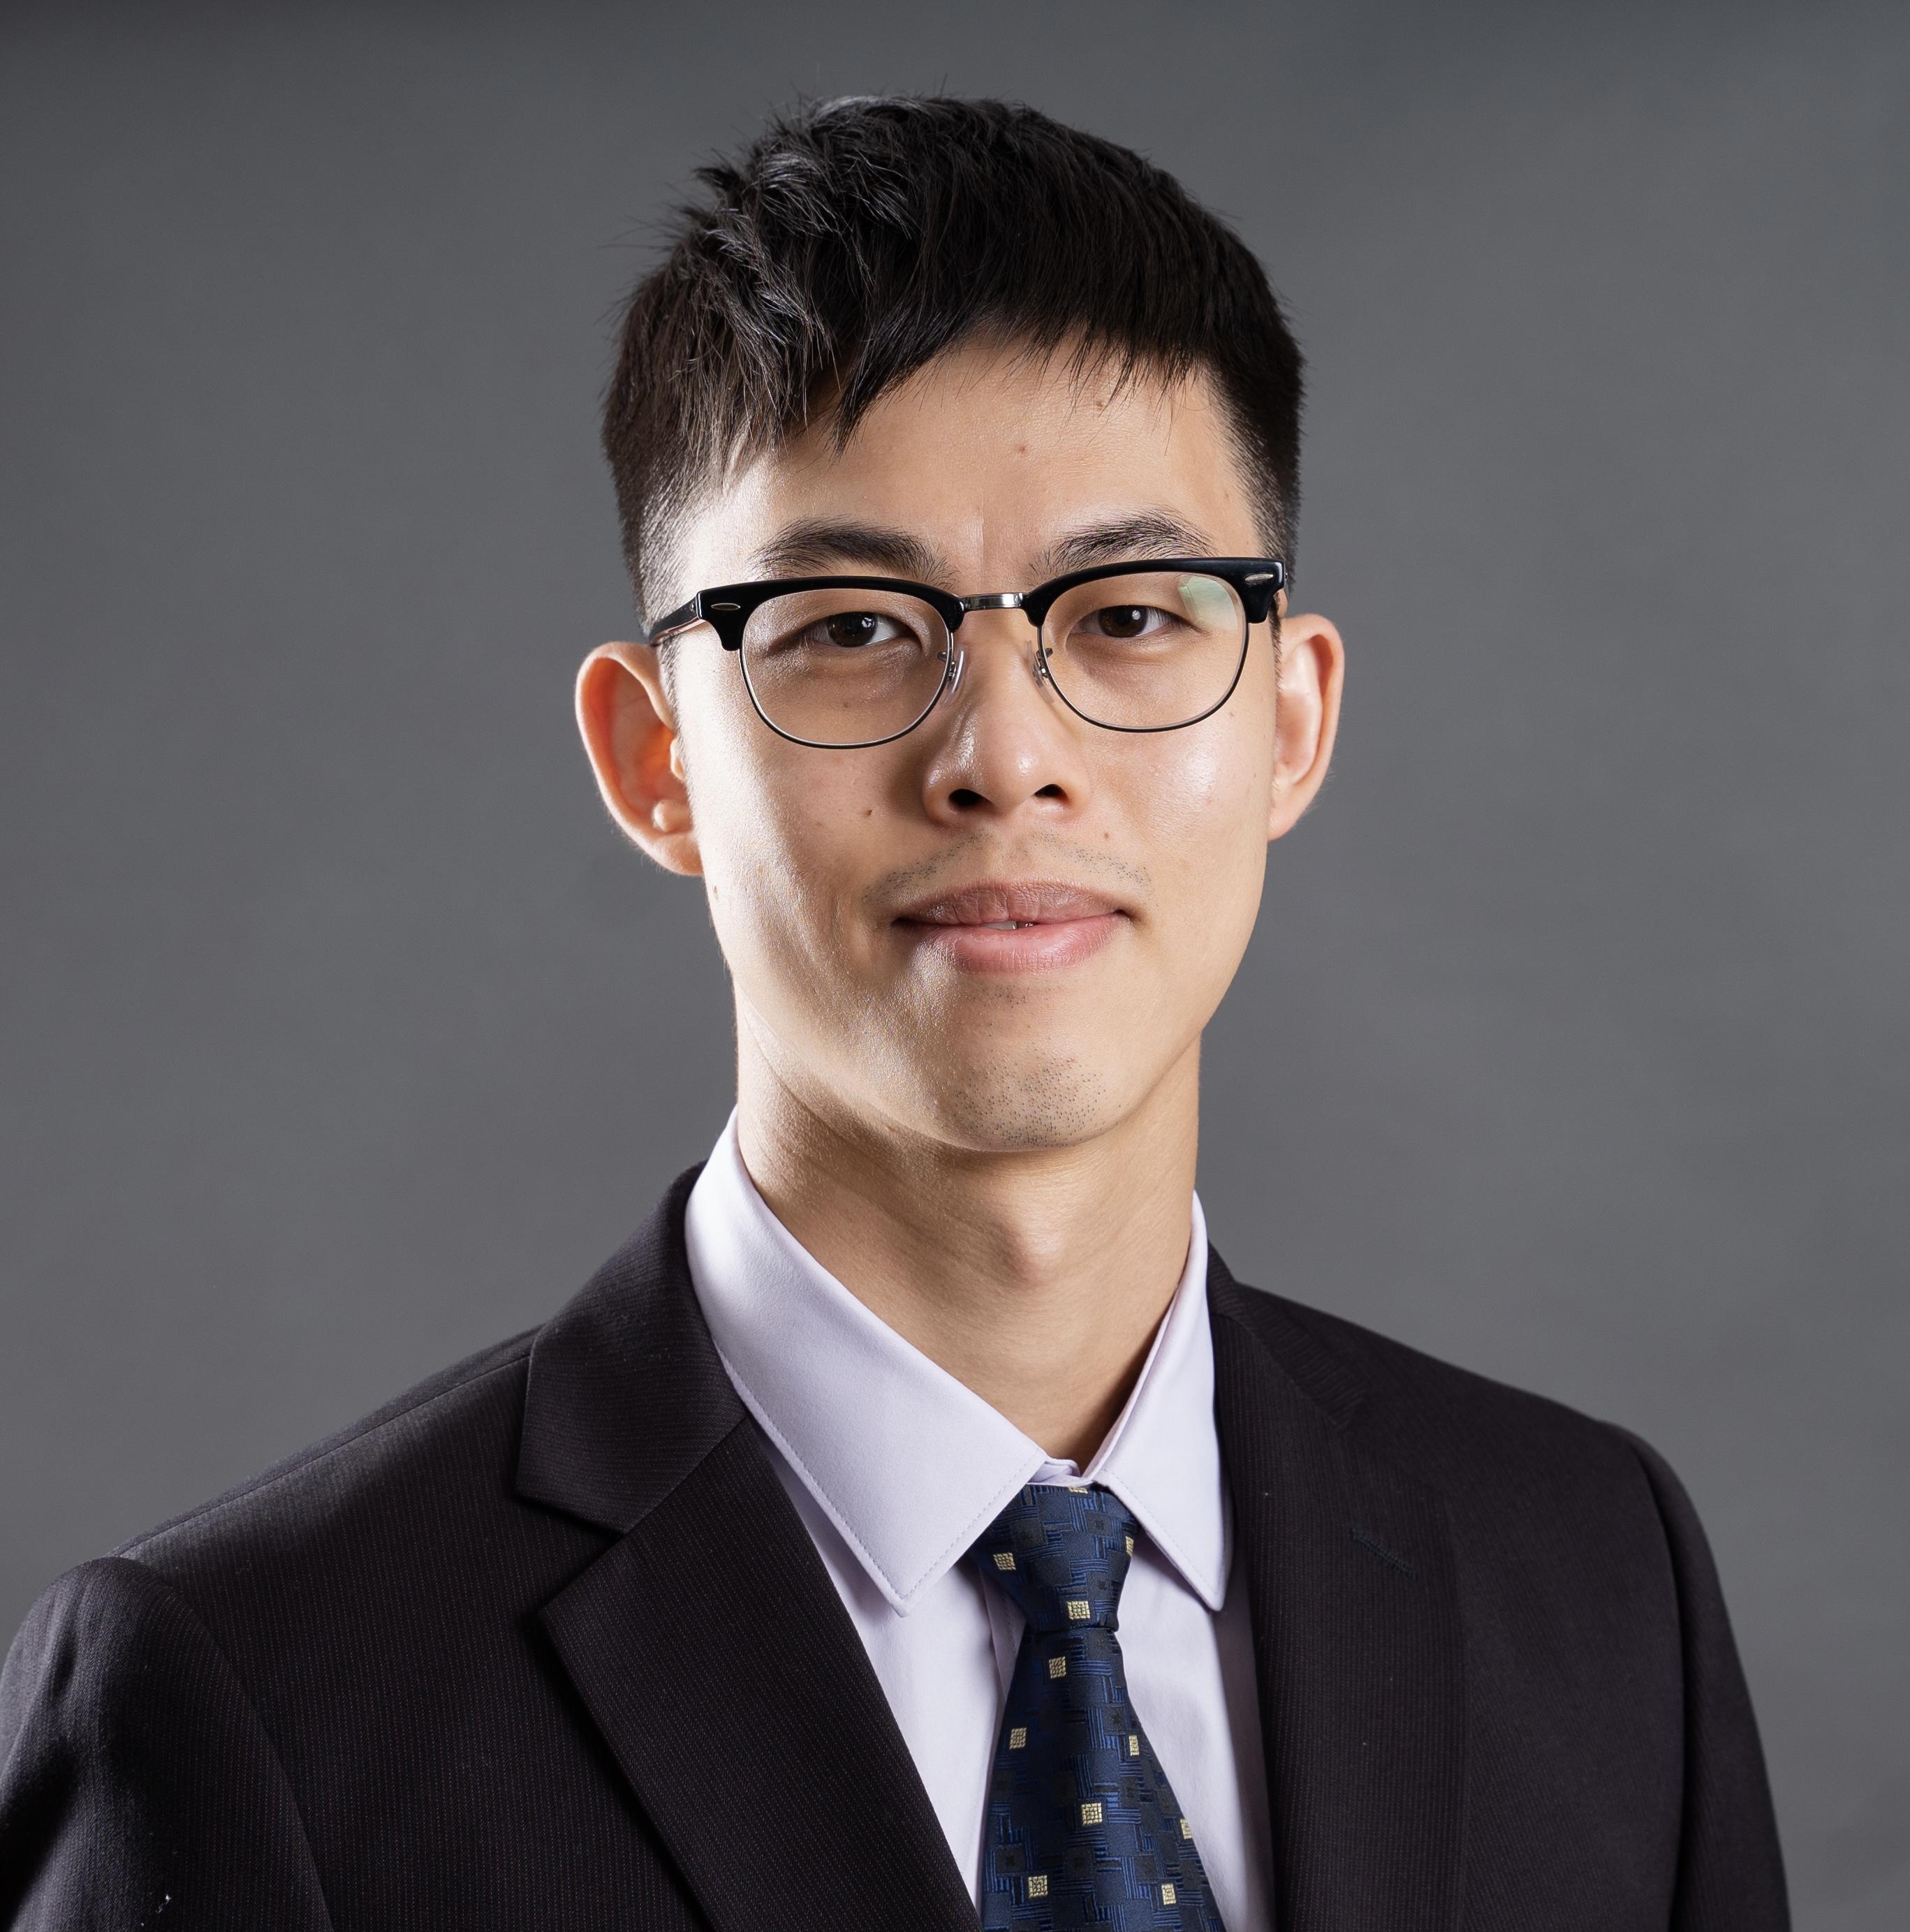 Tian Huang